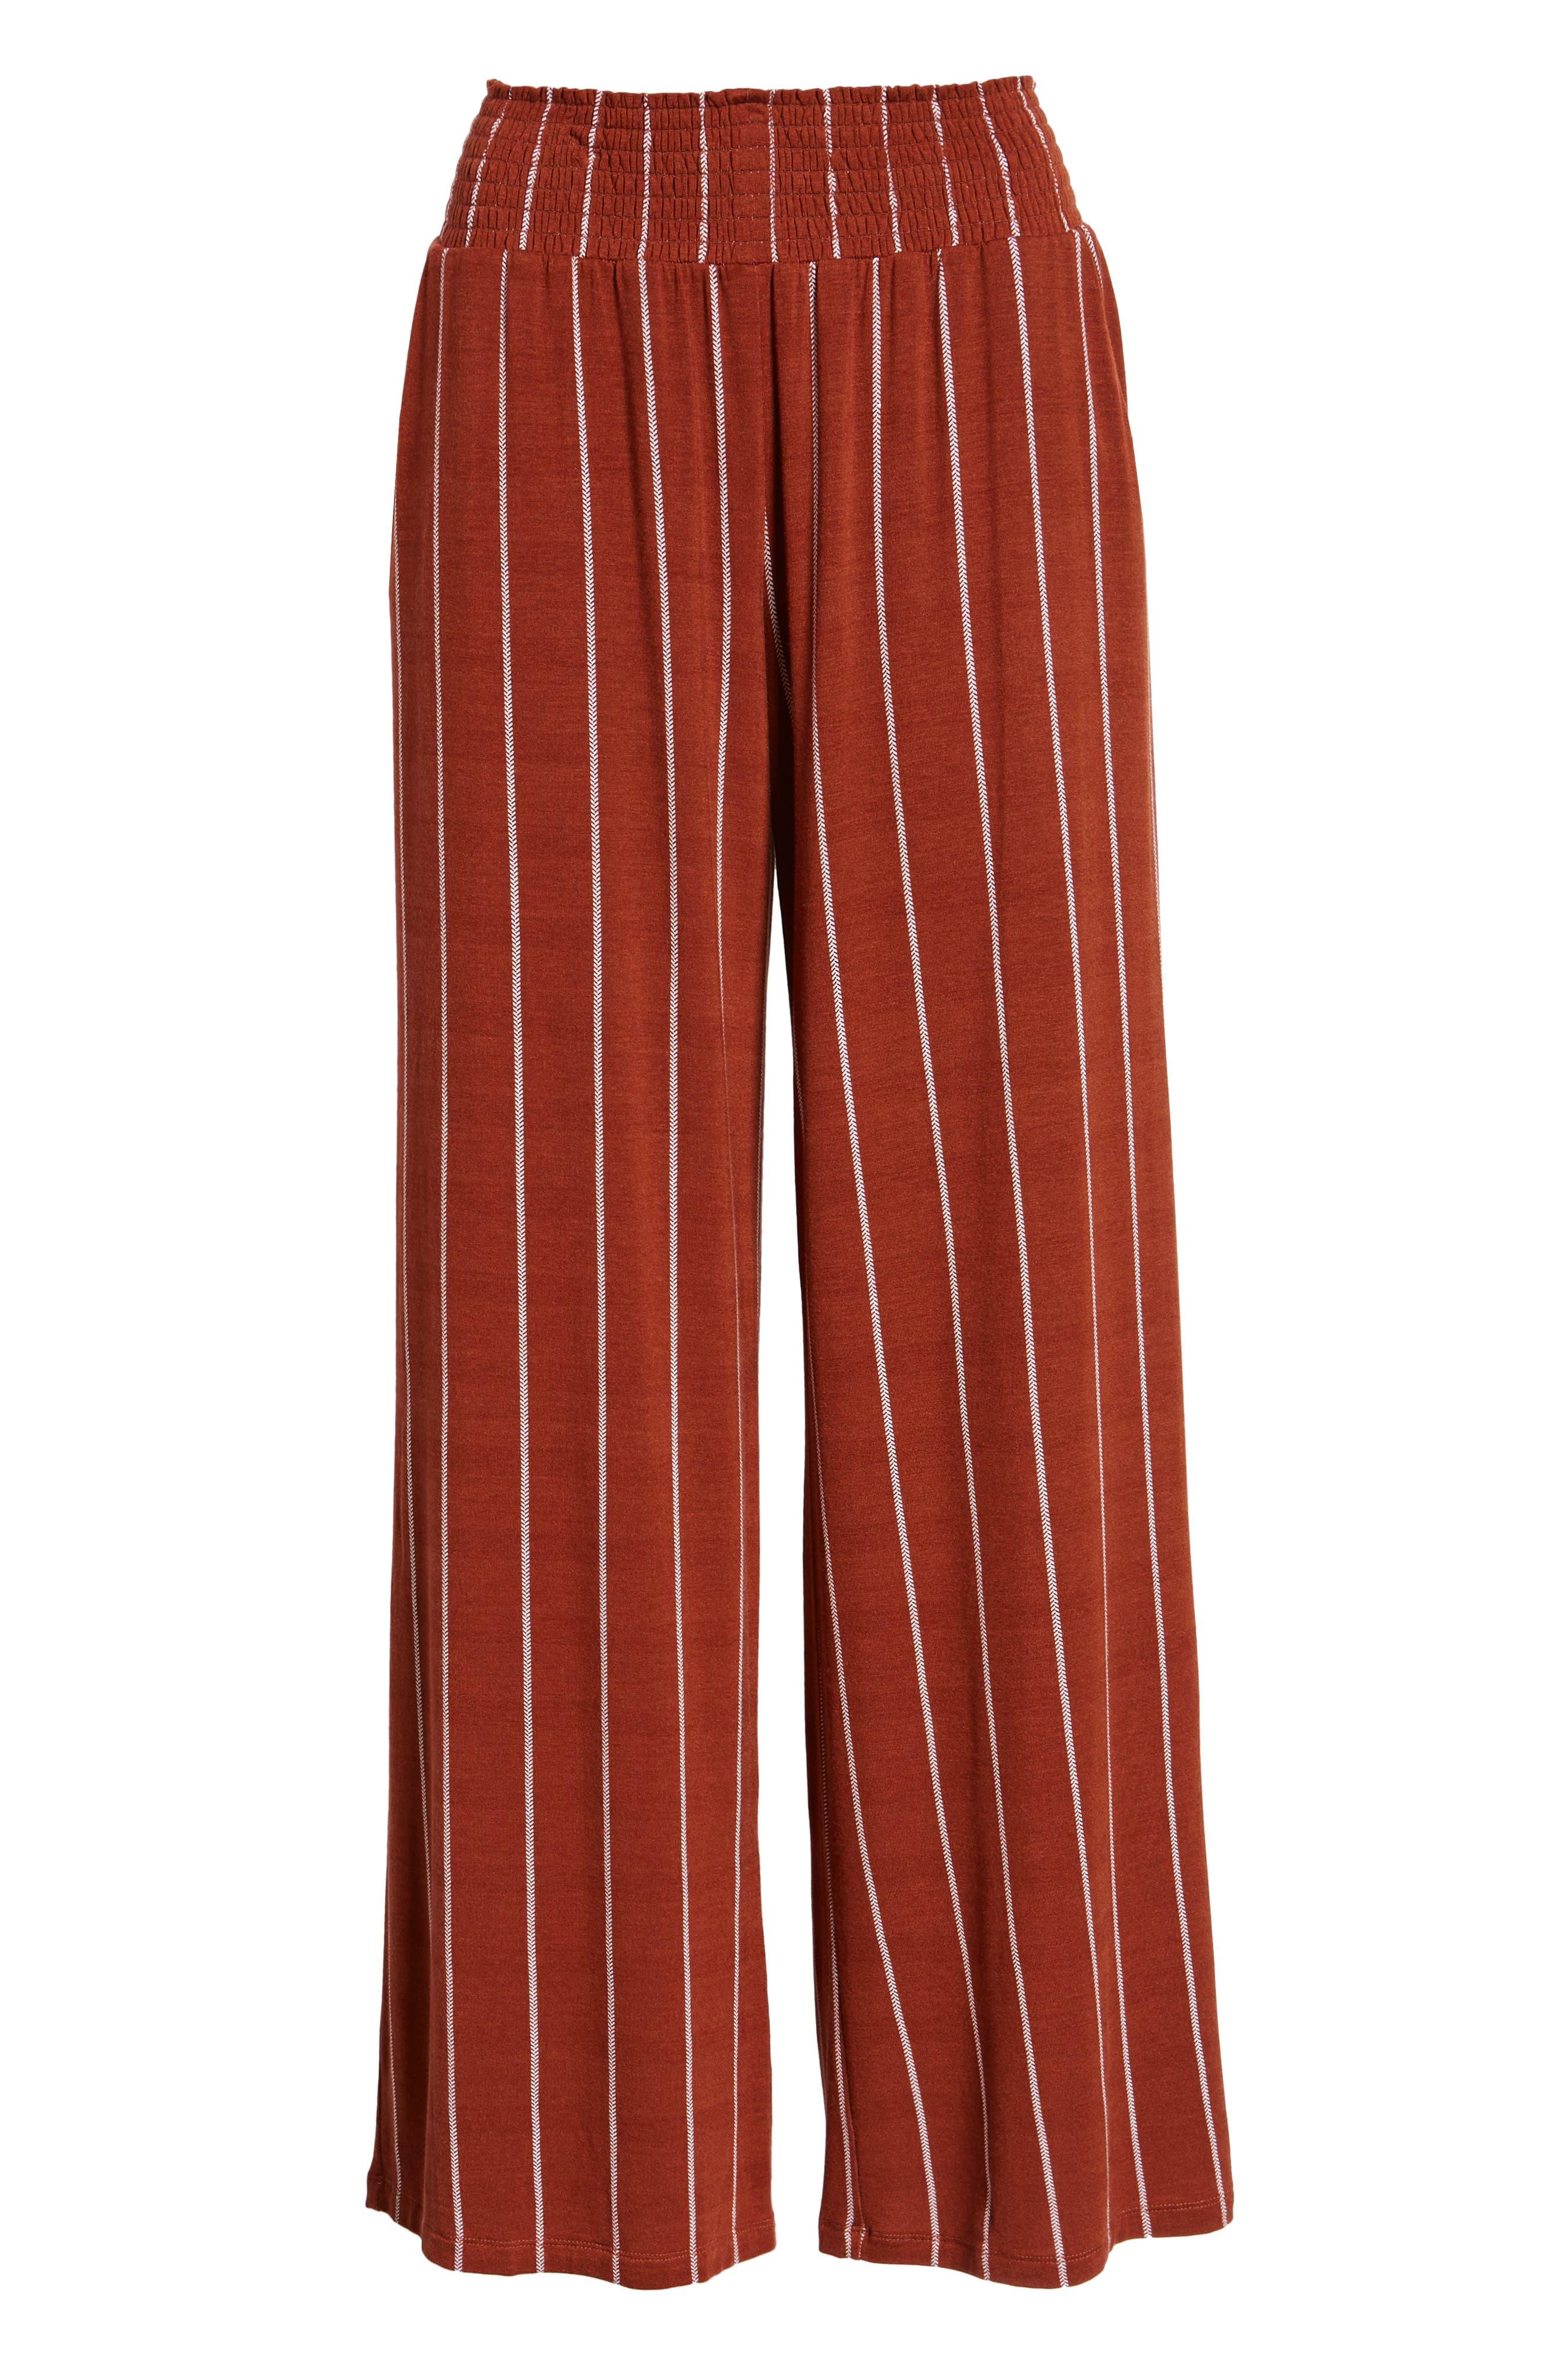 Stripe Knit Wide Leg Pants,                             Alternate thumbnail 7, color,                             SEQUOIA